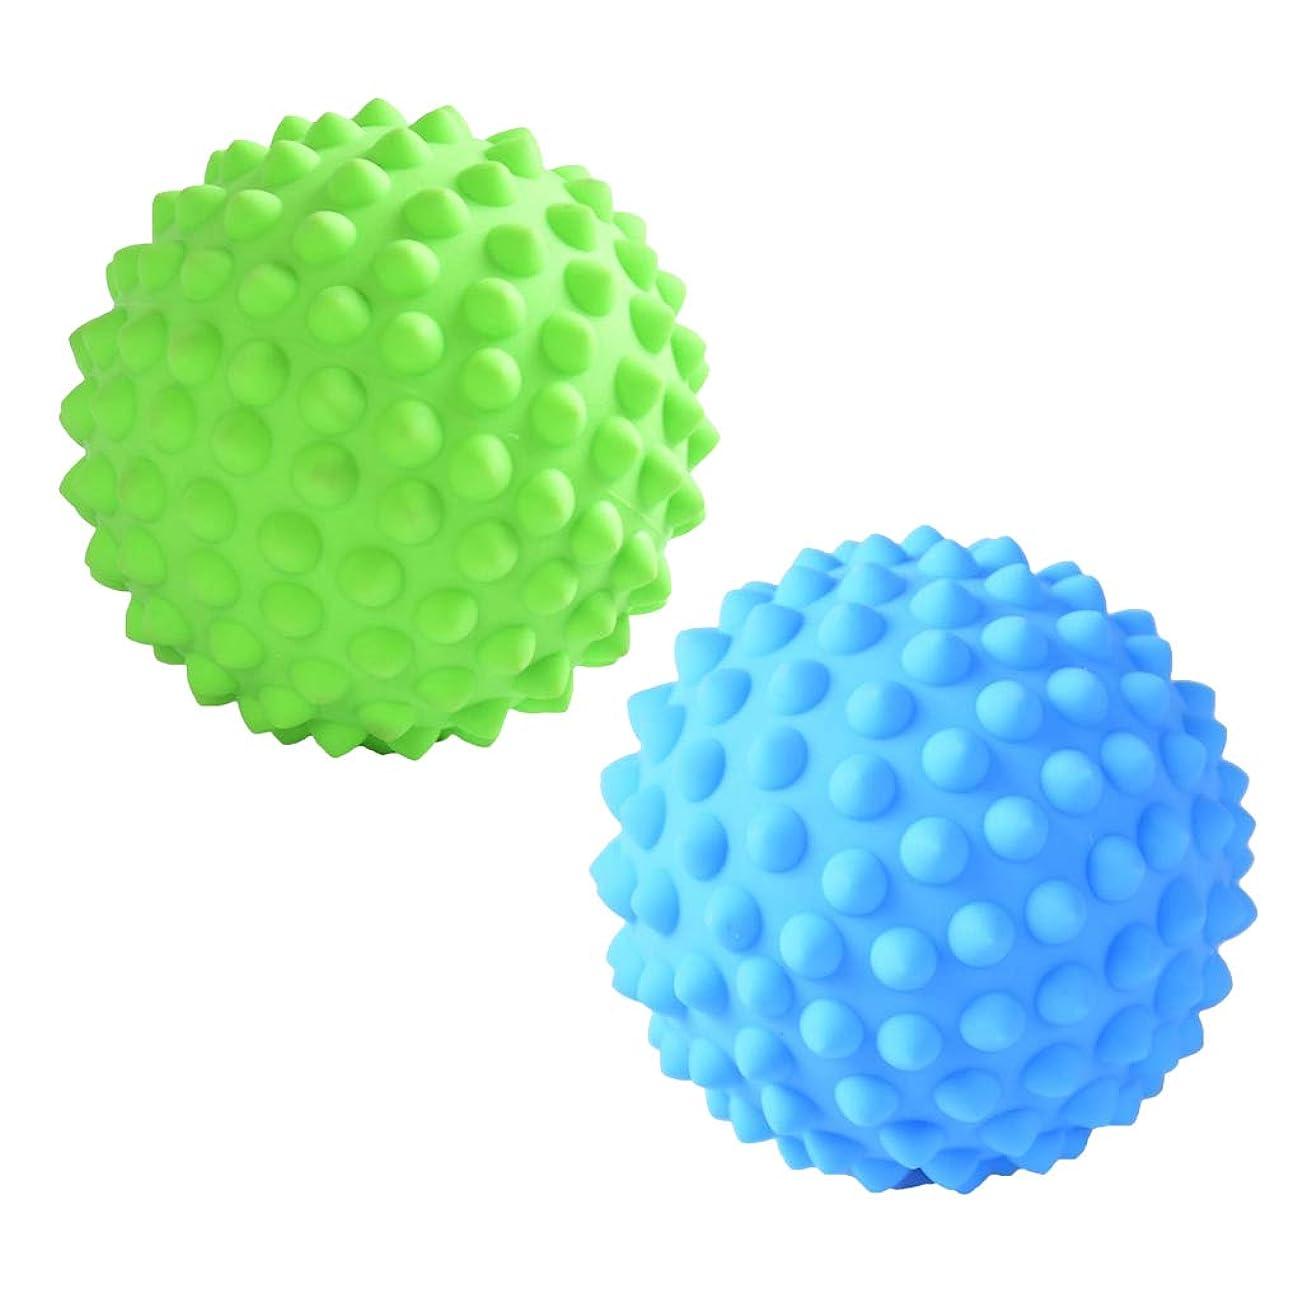 信頼解決周りFLAMEER 2個 マッサージローラーボール 指圧ボール PVC トリガーポイント 疲れ解消ボール ヨガ 疲労軽減